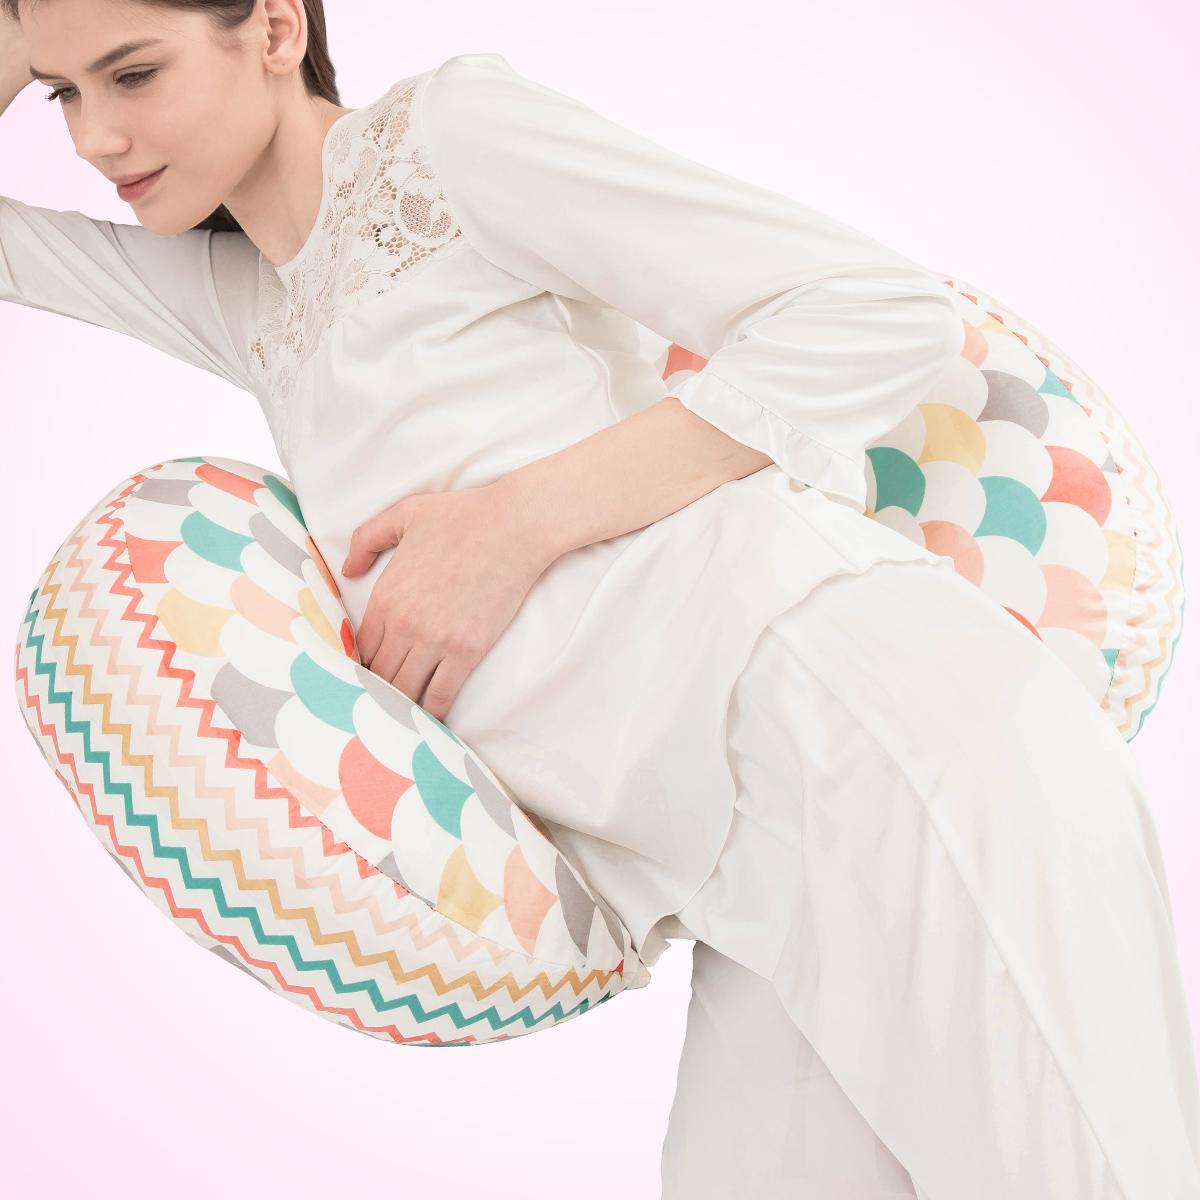 俪之孕 孕妇枕头护腰侧睡枕卧枕U型枕多功能托腹枕抱枕睡觉用品